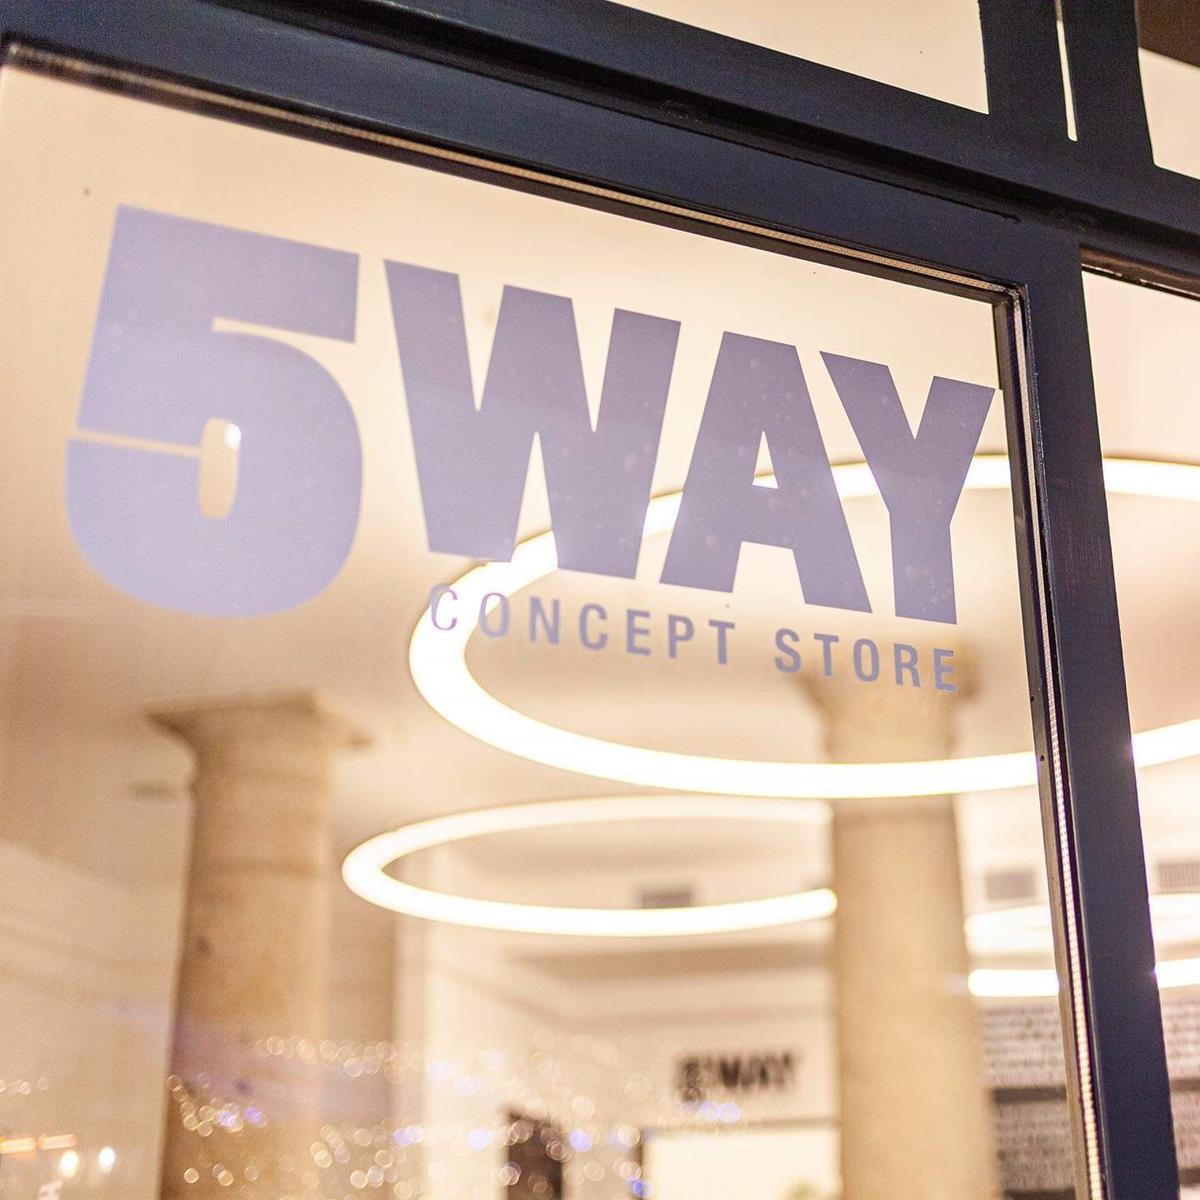 5WAY aumentare le vendite del tuo brand